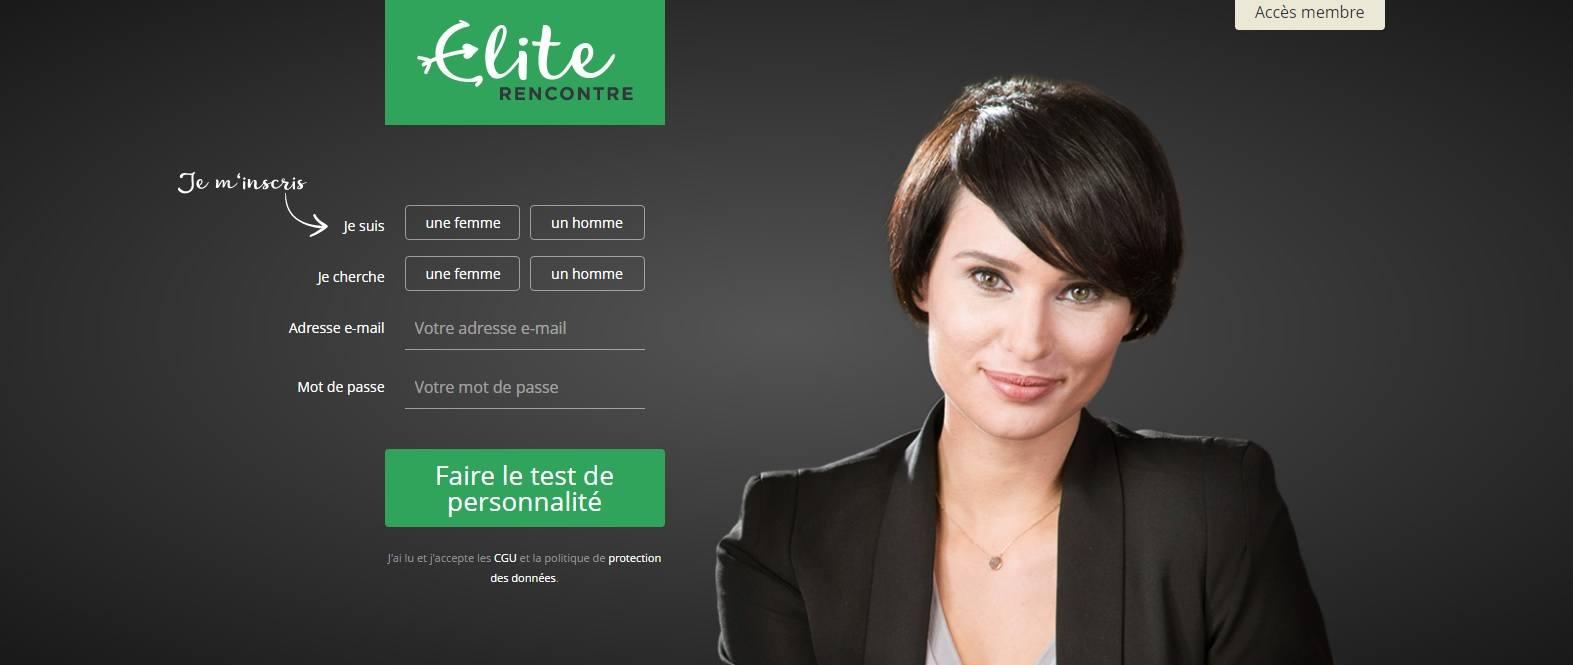 site libertins site de rencontre gratuit et fiable